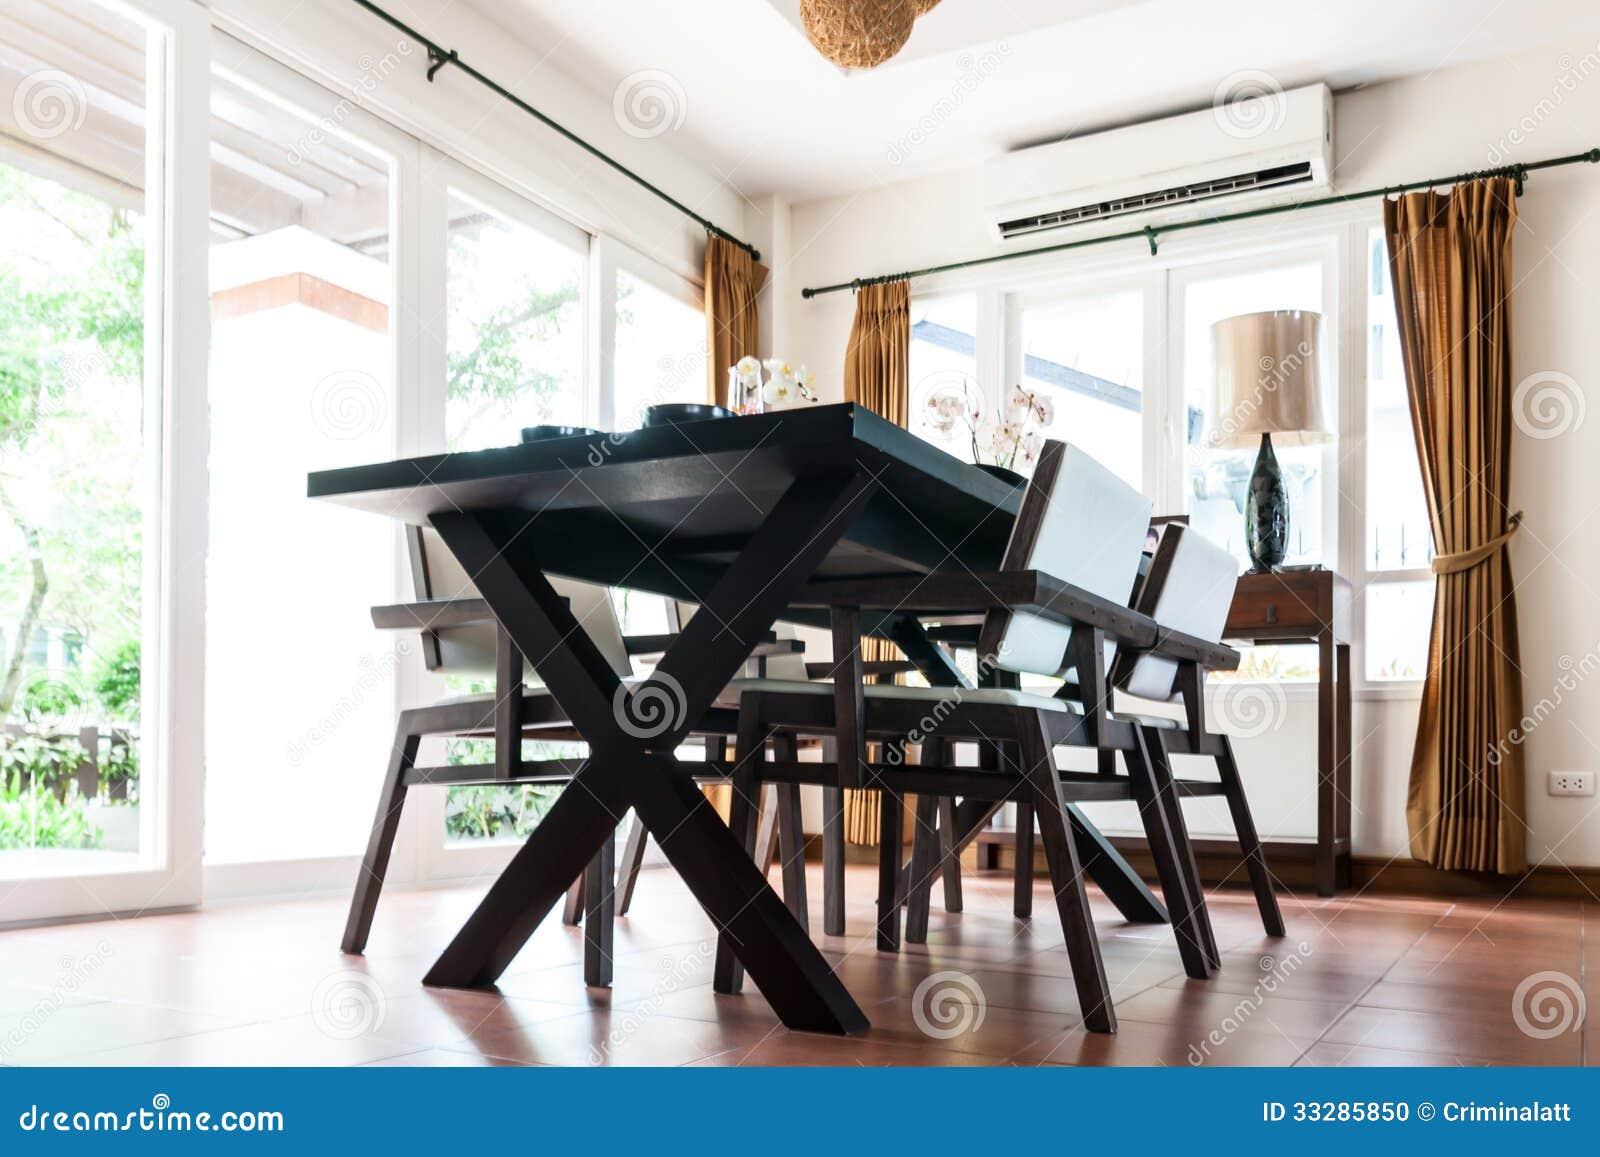 Zwarte lijst en stoelen in woonkamer stock foto for Lijst inrichting huis